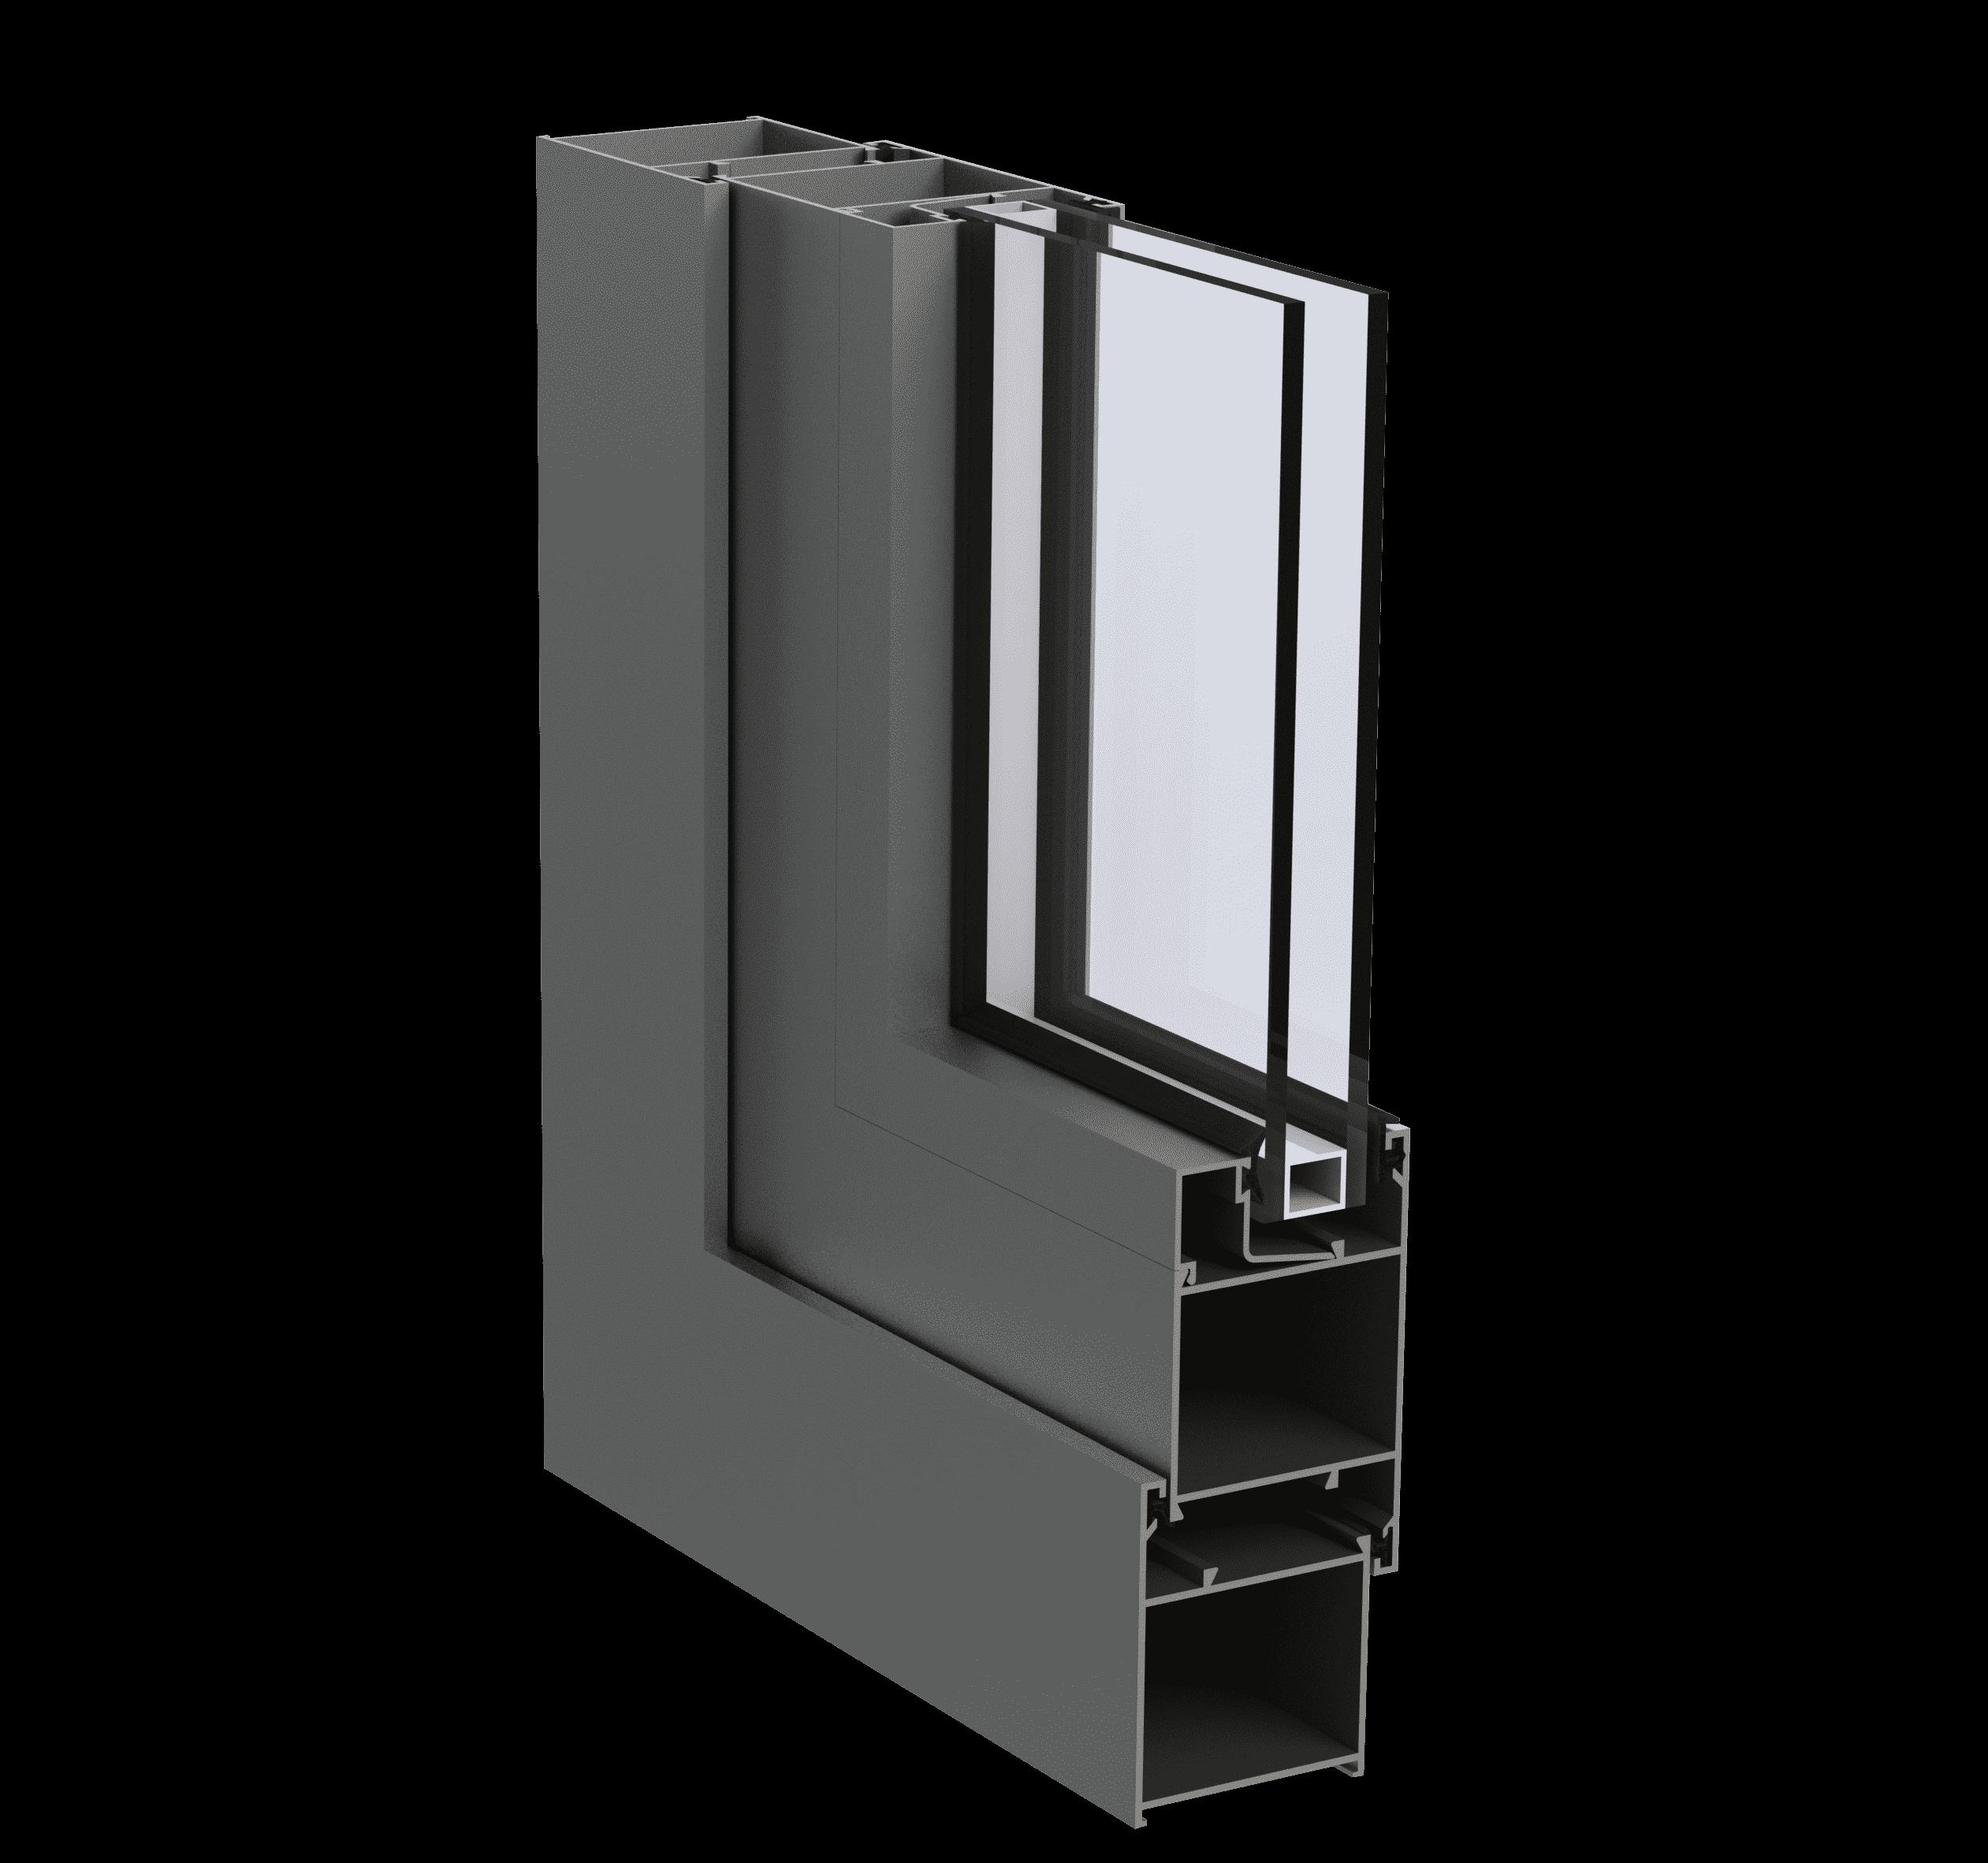 Холодна алюмінієва віконно-дверна система Hoffman L45 для дилерів від EKIPAZH. Вигідні умови для партнерства